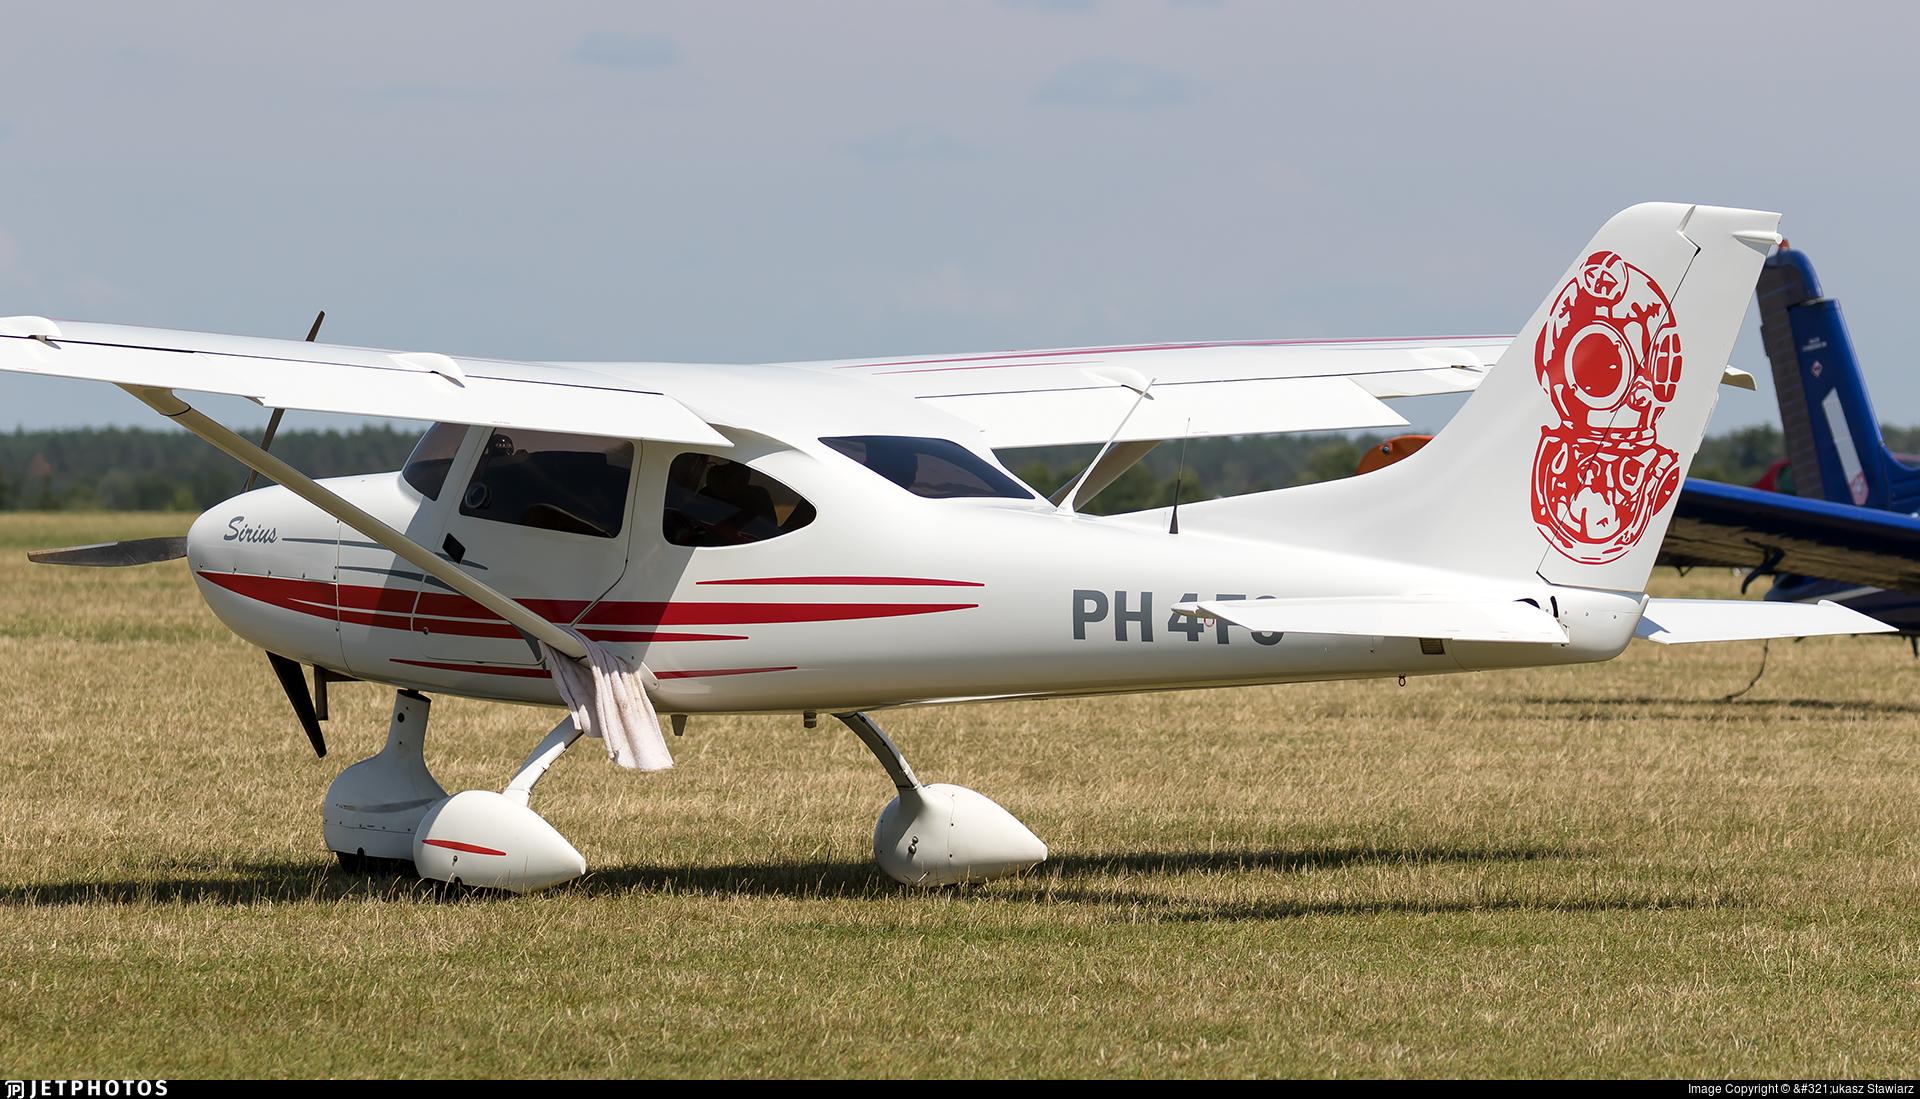 PH-4F9 - TL Ultralight TL-3000 Sirius - Private